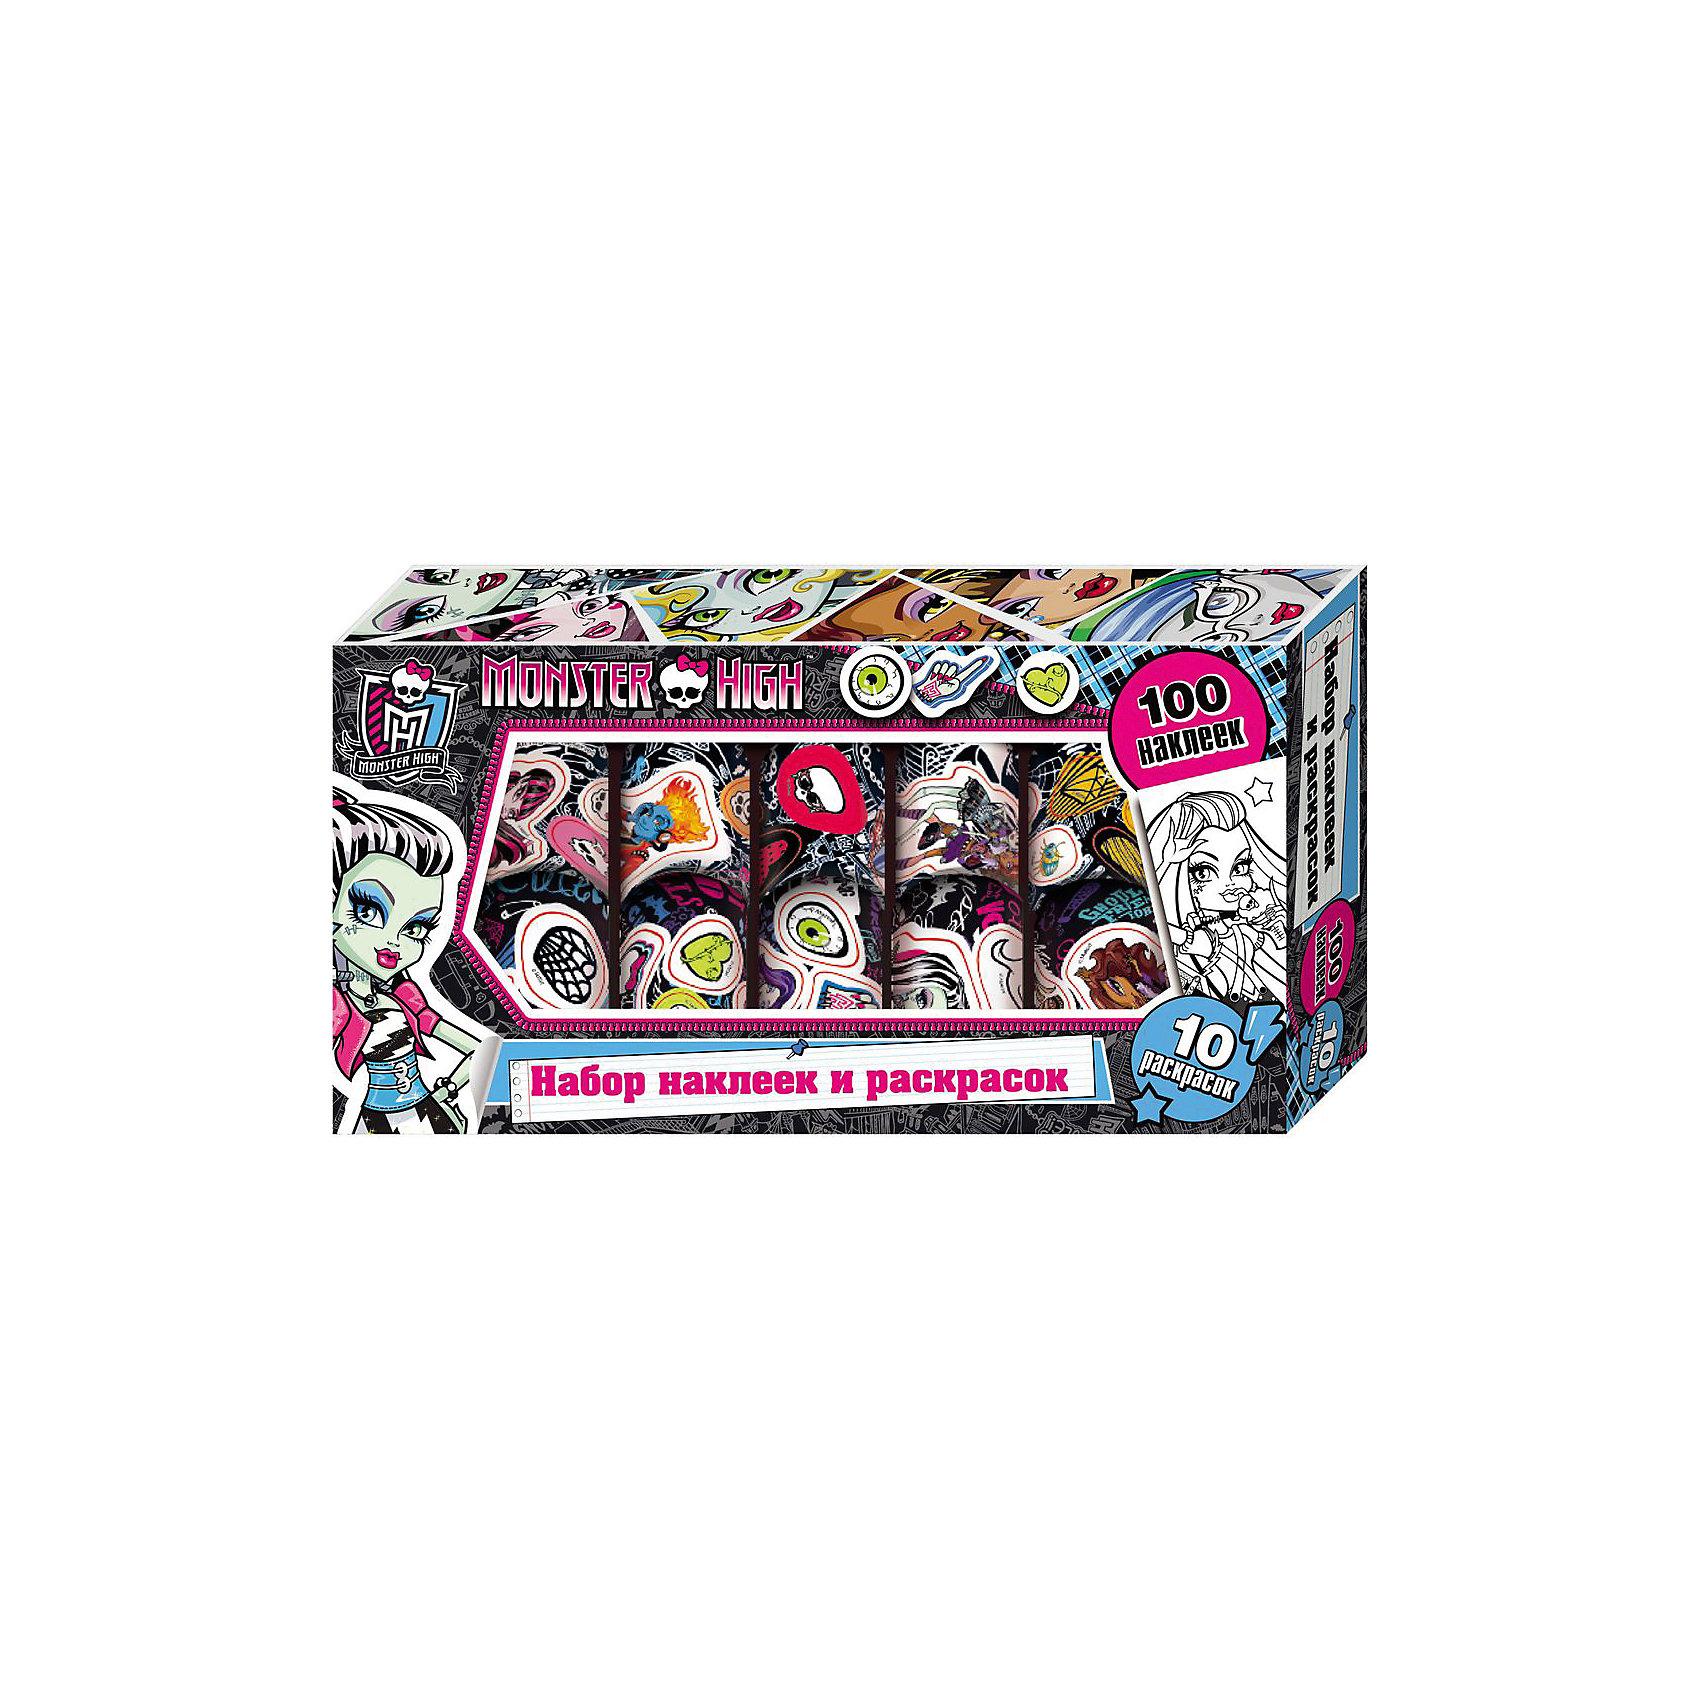 Набор наклеек и раскрасок в коробке, Monster HighНабор наклеек и раскрасок в коробке, Monster High, станет приятным сюрпризом для юных поклонниц популярного мультсериала Школа Монстров. В комплект входят 100 рулонных наклеек и 10 листов раскрасок с изображениями очаровательных девчонок-монстров. Красочными наклейками можно украсить свои вещи и канцелярские принадлежности или изготовить с их помощью красивые открытки. Комплект упакован в яркую стильную коробочку с прозрачным окошком.<br><br>Дополнительная информация:<br><br>- Материал: бумага.<br>- Размер: 24,5 х 13 х 4 см.<br>- Вес: 172 гр.<br><br>Набор наклеек и раскрасок в коробке, Monster High, можно купить в нашем интернет-магазине.<br><br>Ширина мм: 245<br>Глубина мм: 130<br>Высота мм: 40<br>Вес г: 172<br>Возраст от месяцев: 60<br>Возраст до месяцев: 144<br>Пол: Женский<br>Возраст: Детский<br>SKU: 4046769